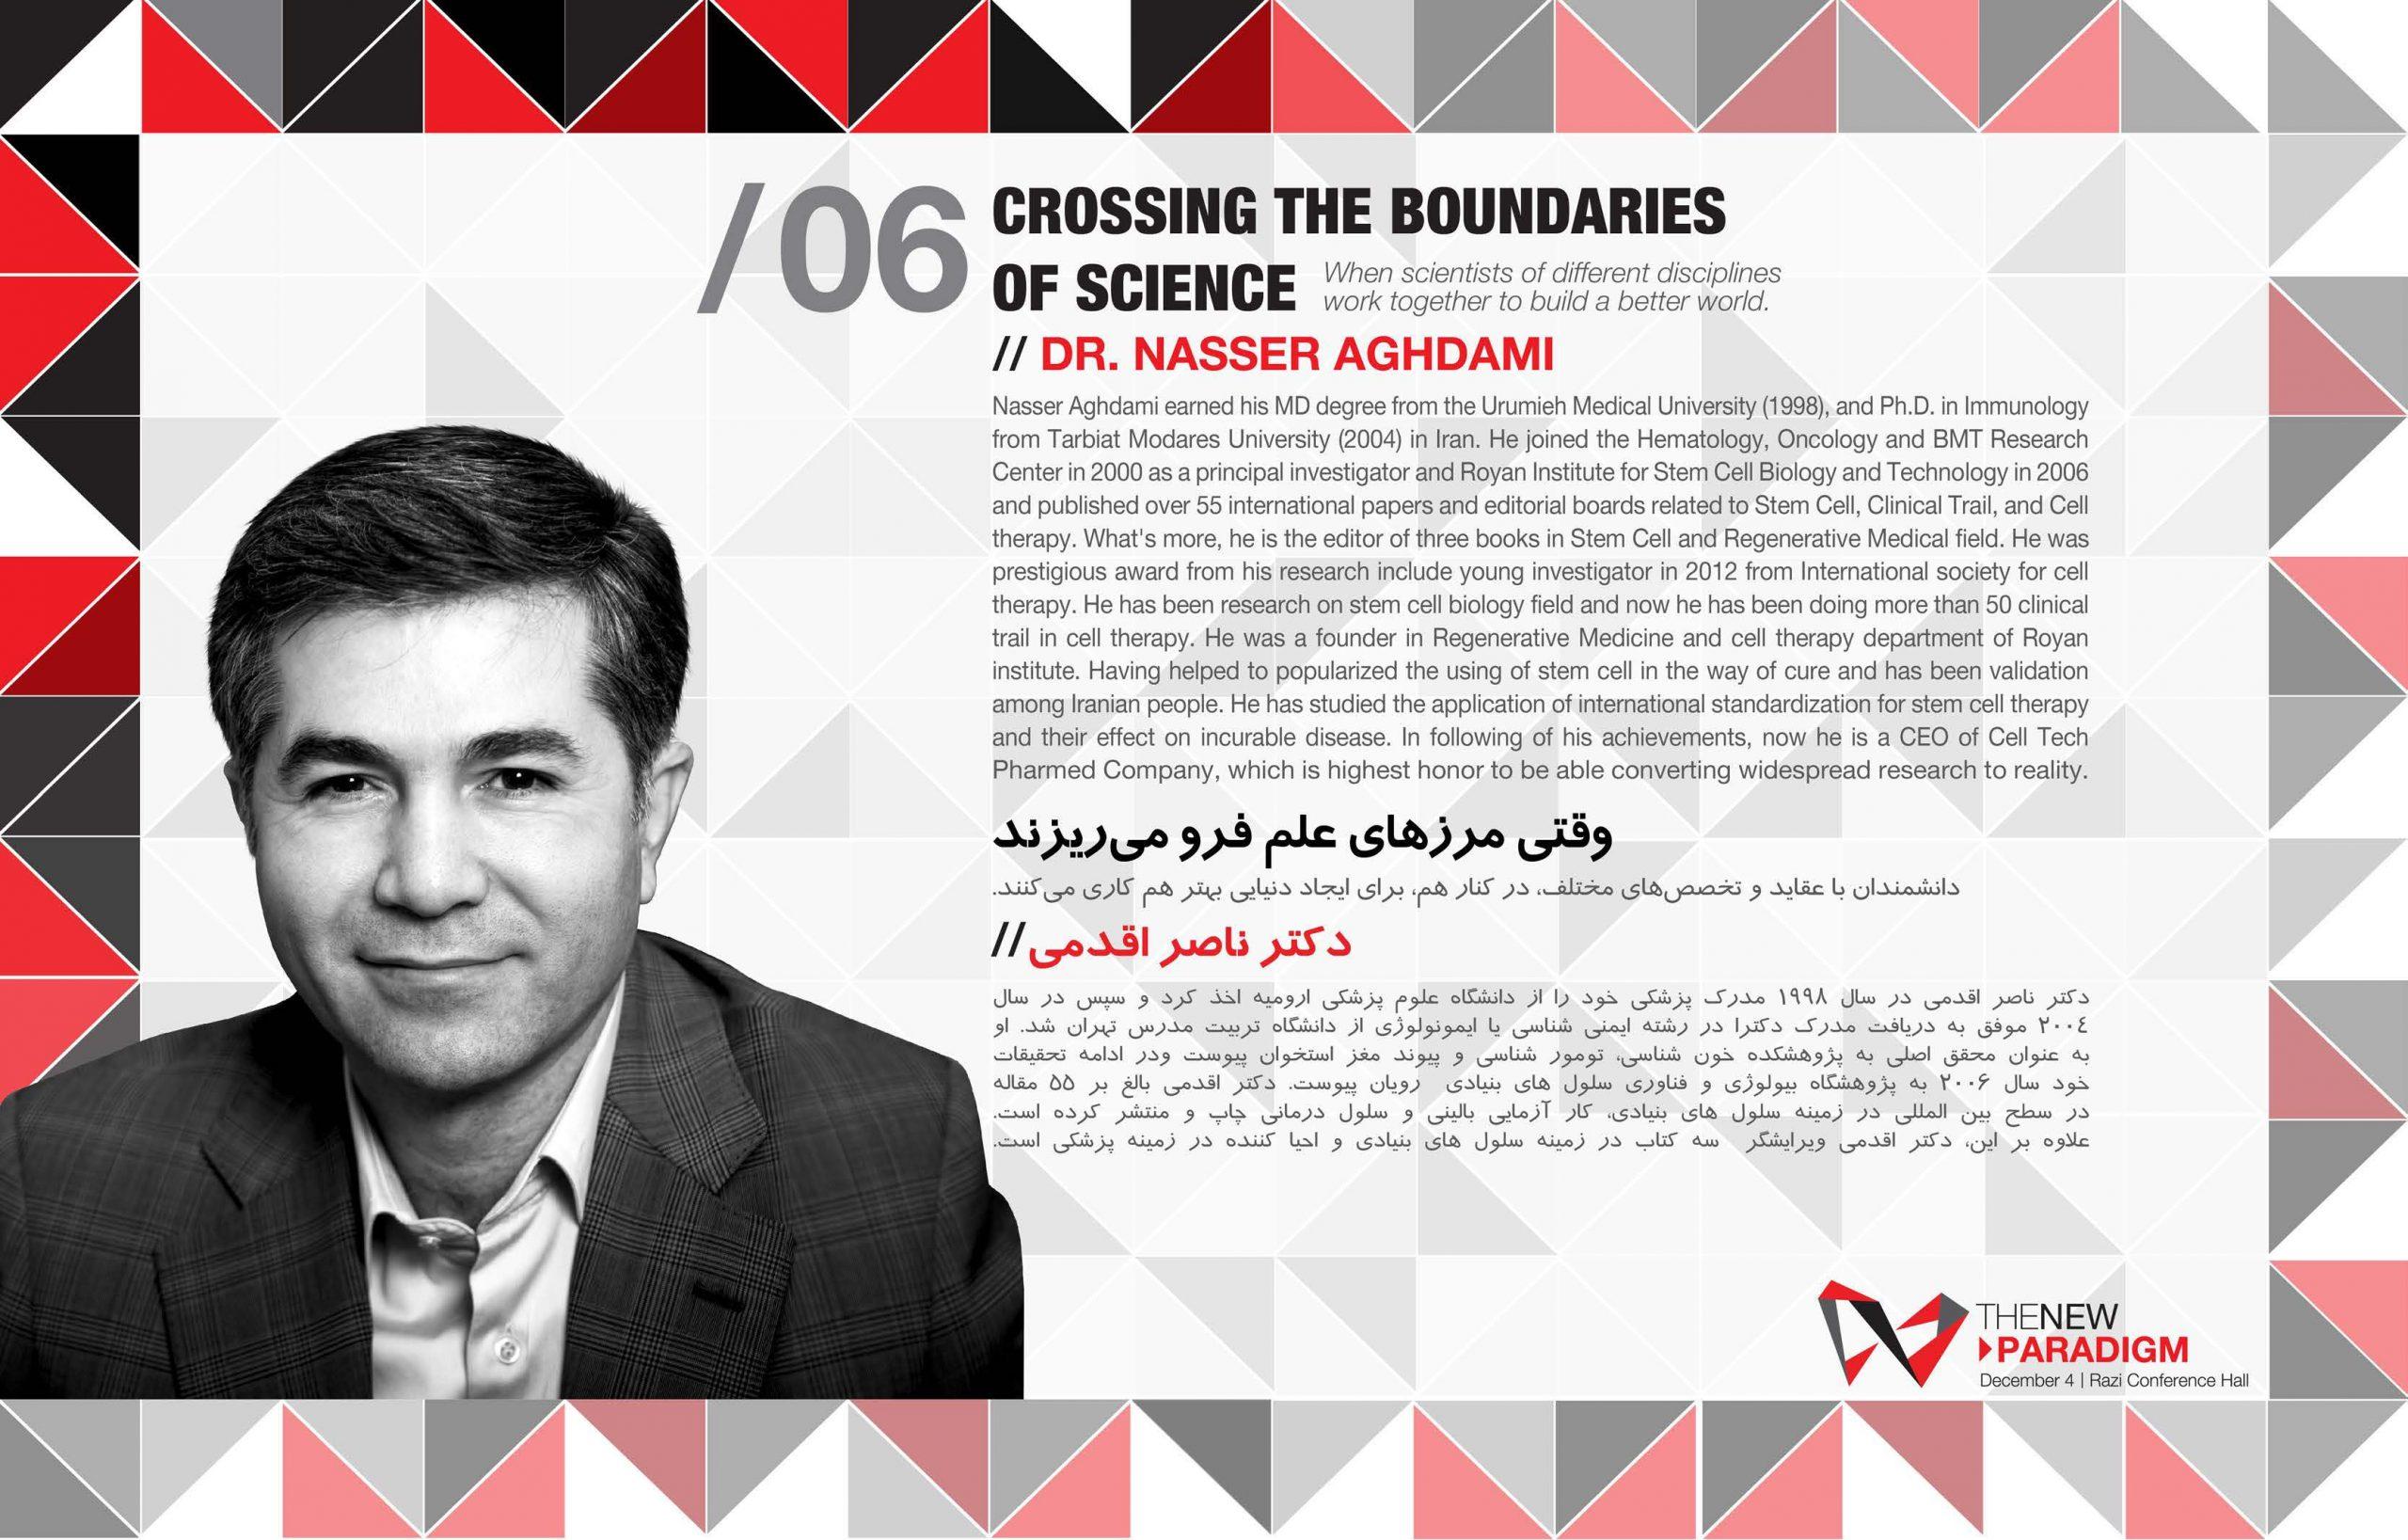 Dr. Nasser Aghdami